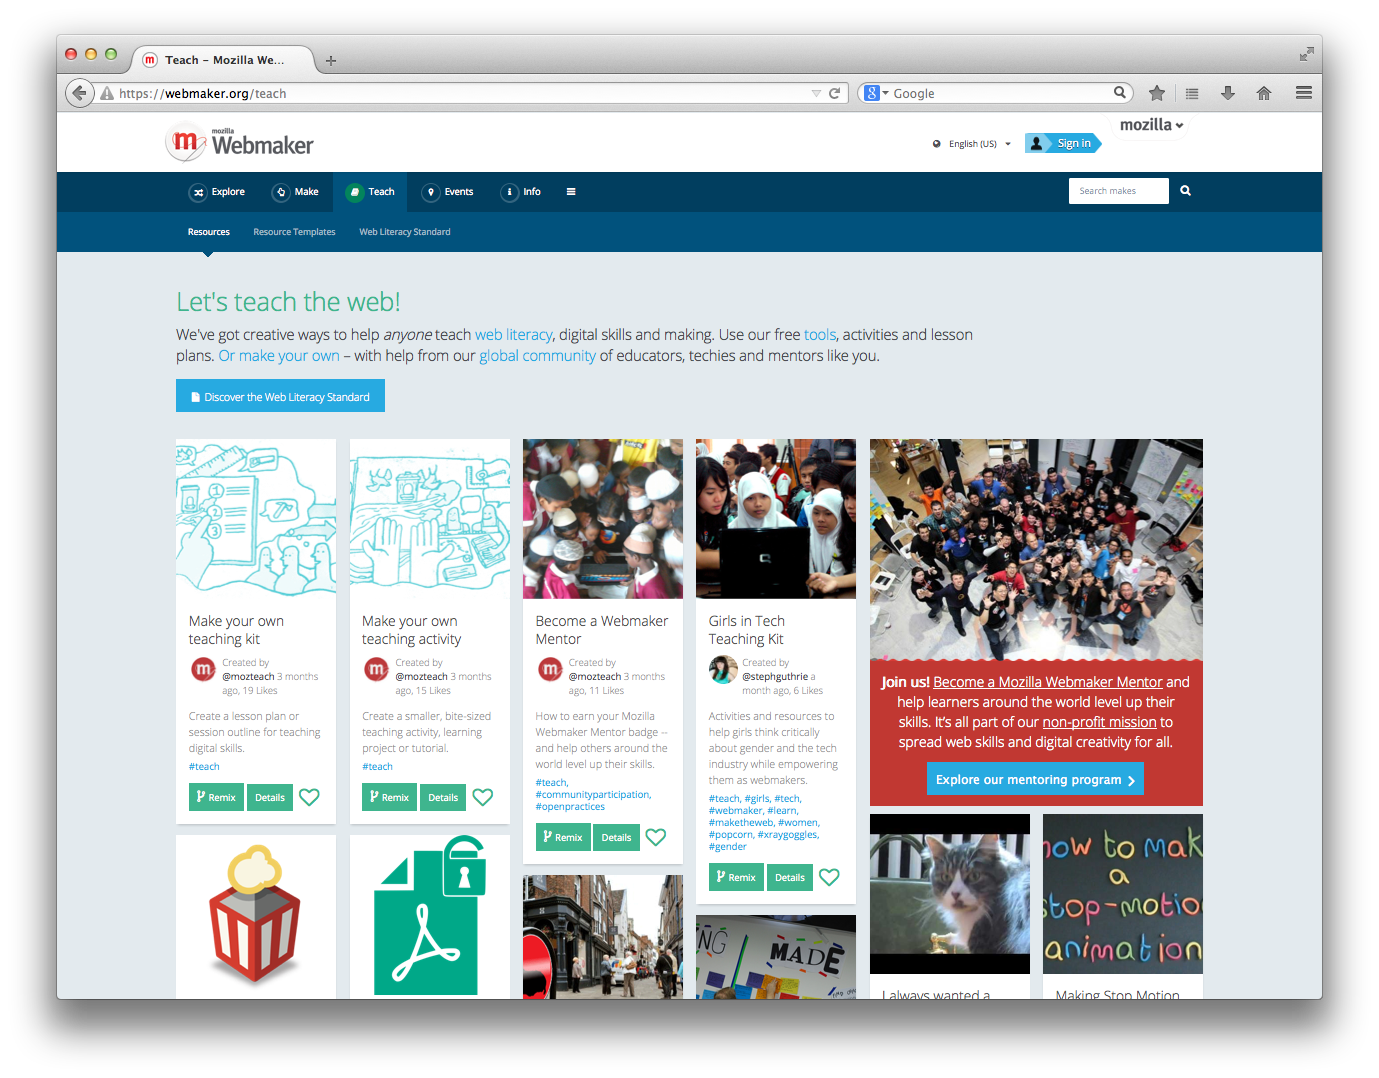 webmaker-teach